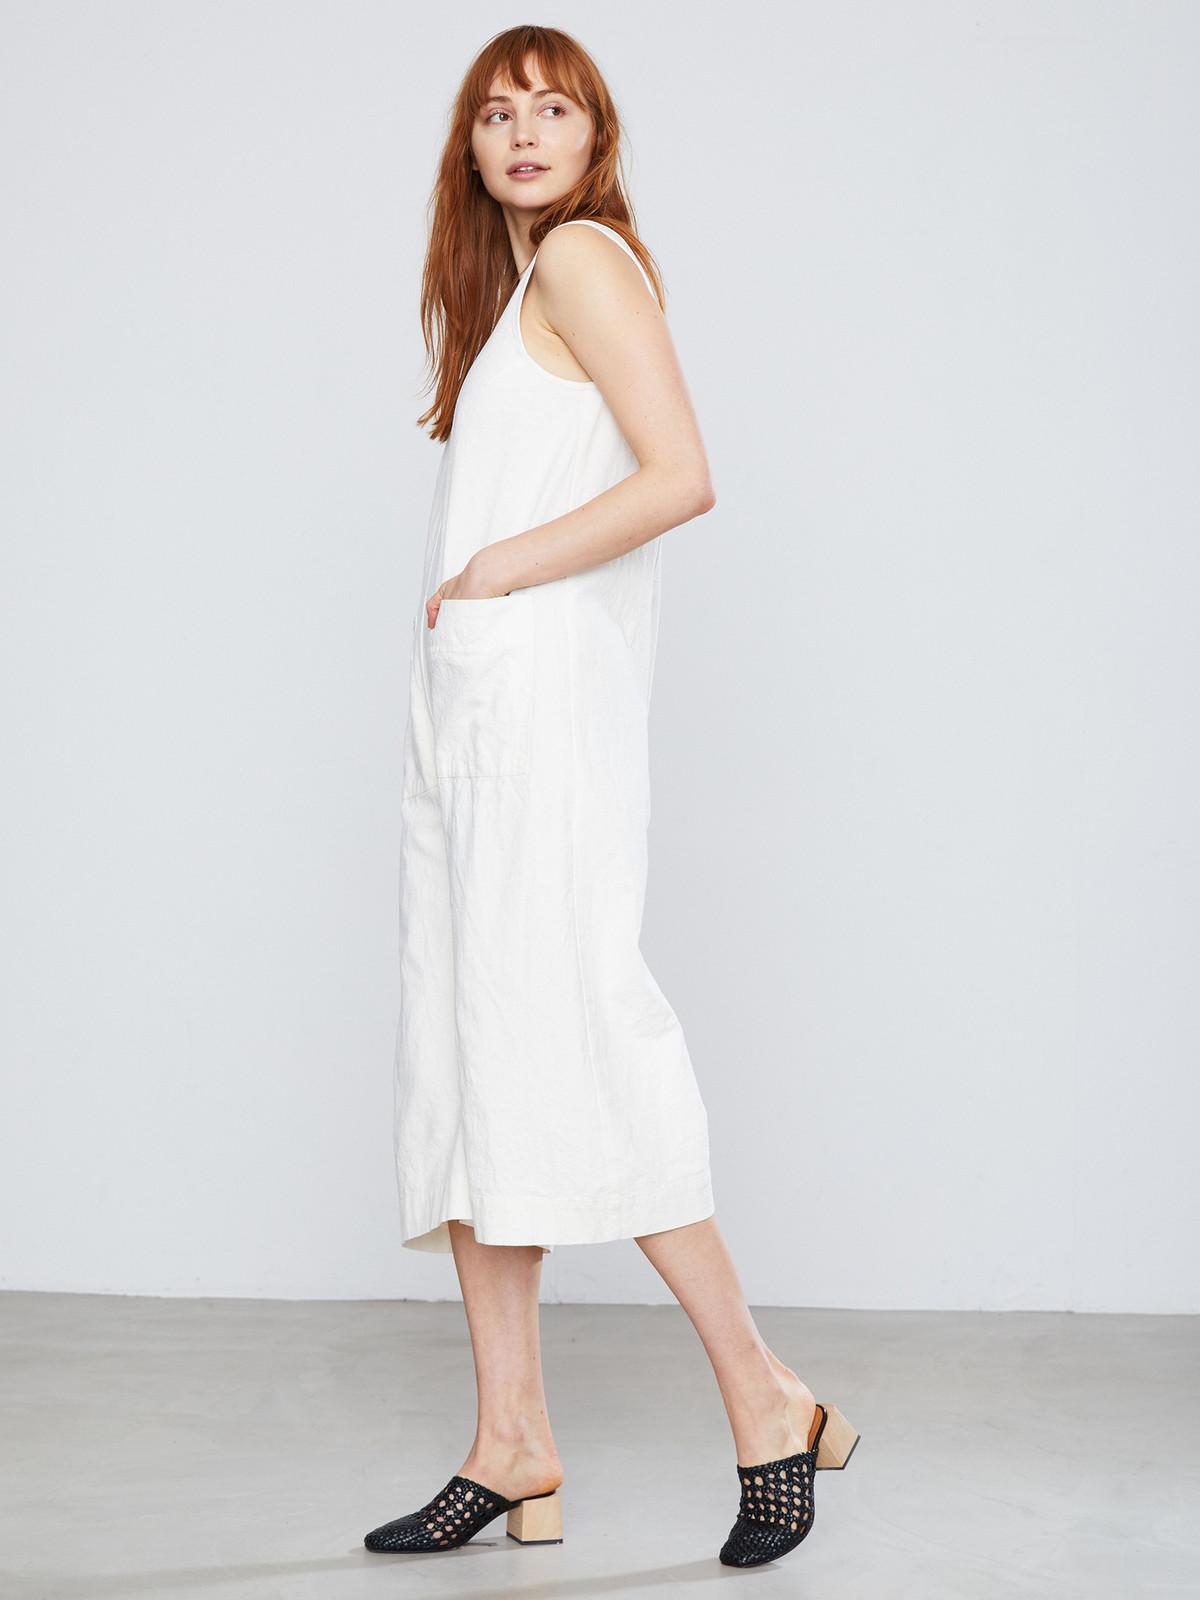 Ilana Kohn Milo Jumpsuit In Cream Garmentory